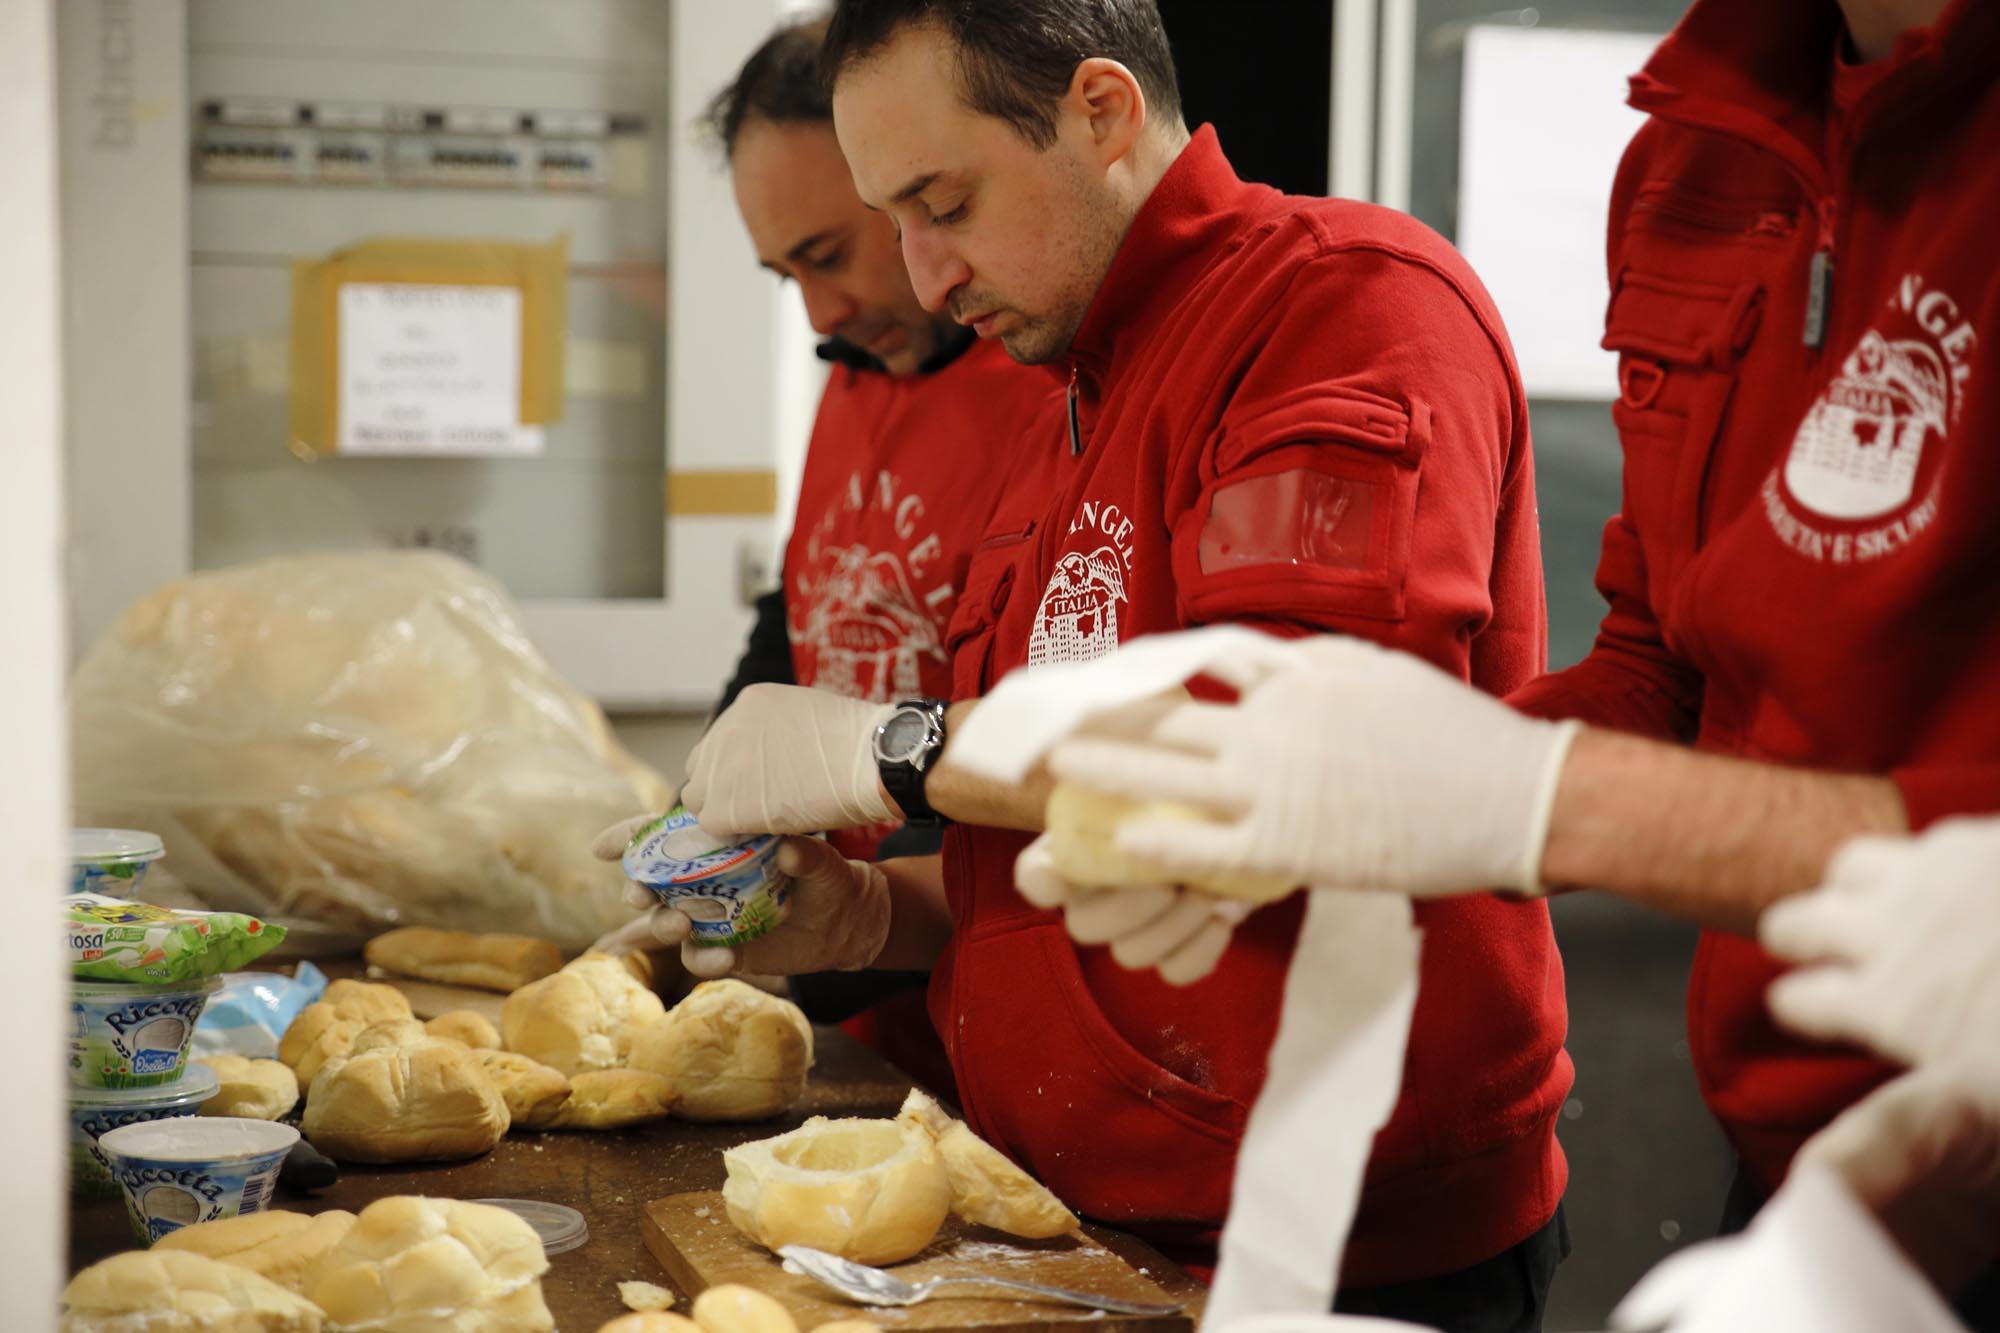 0241 Preparazione pasti per persone senza fissa dimora - Assistenza sociale, city Angels